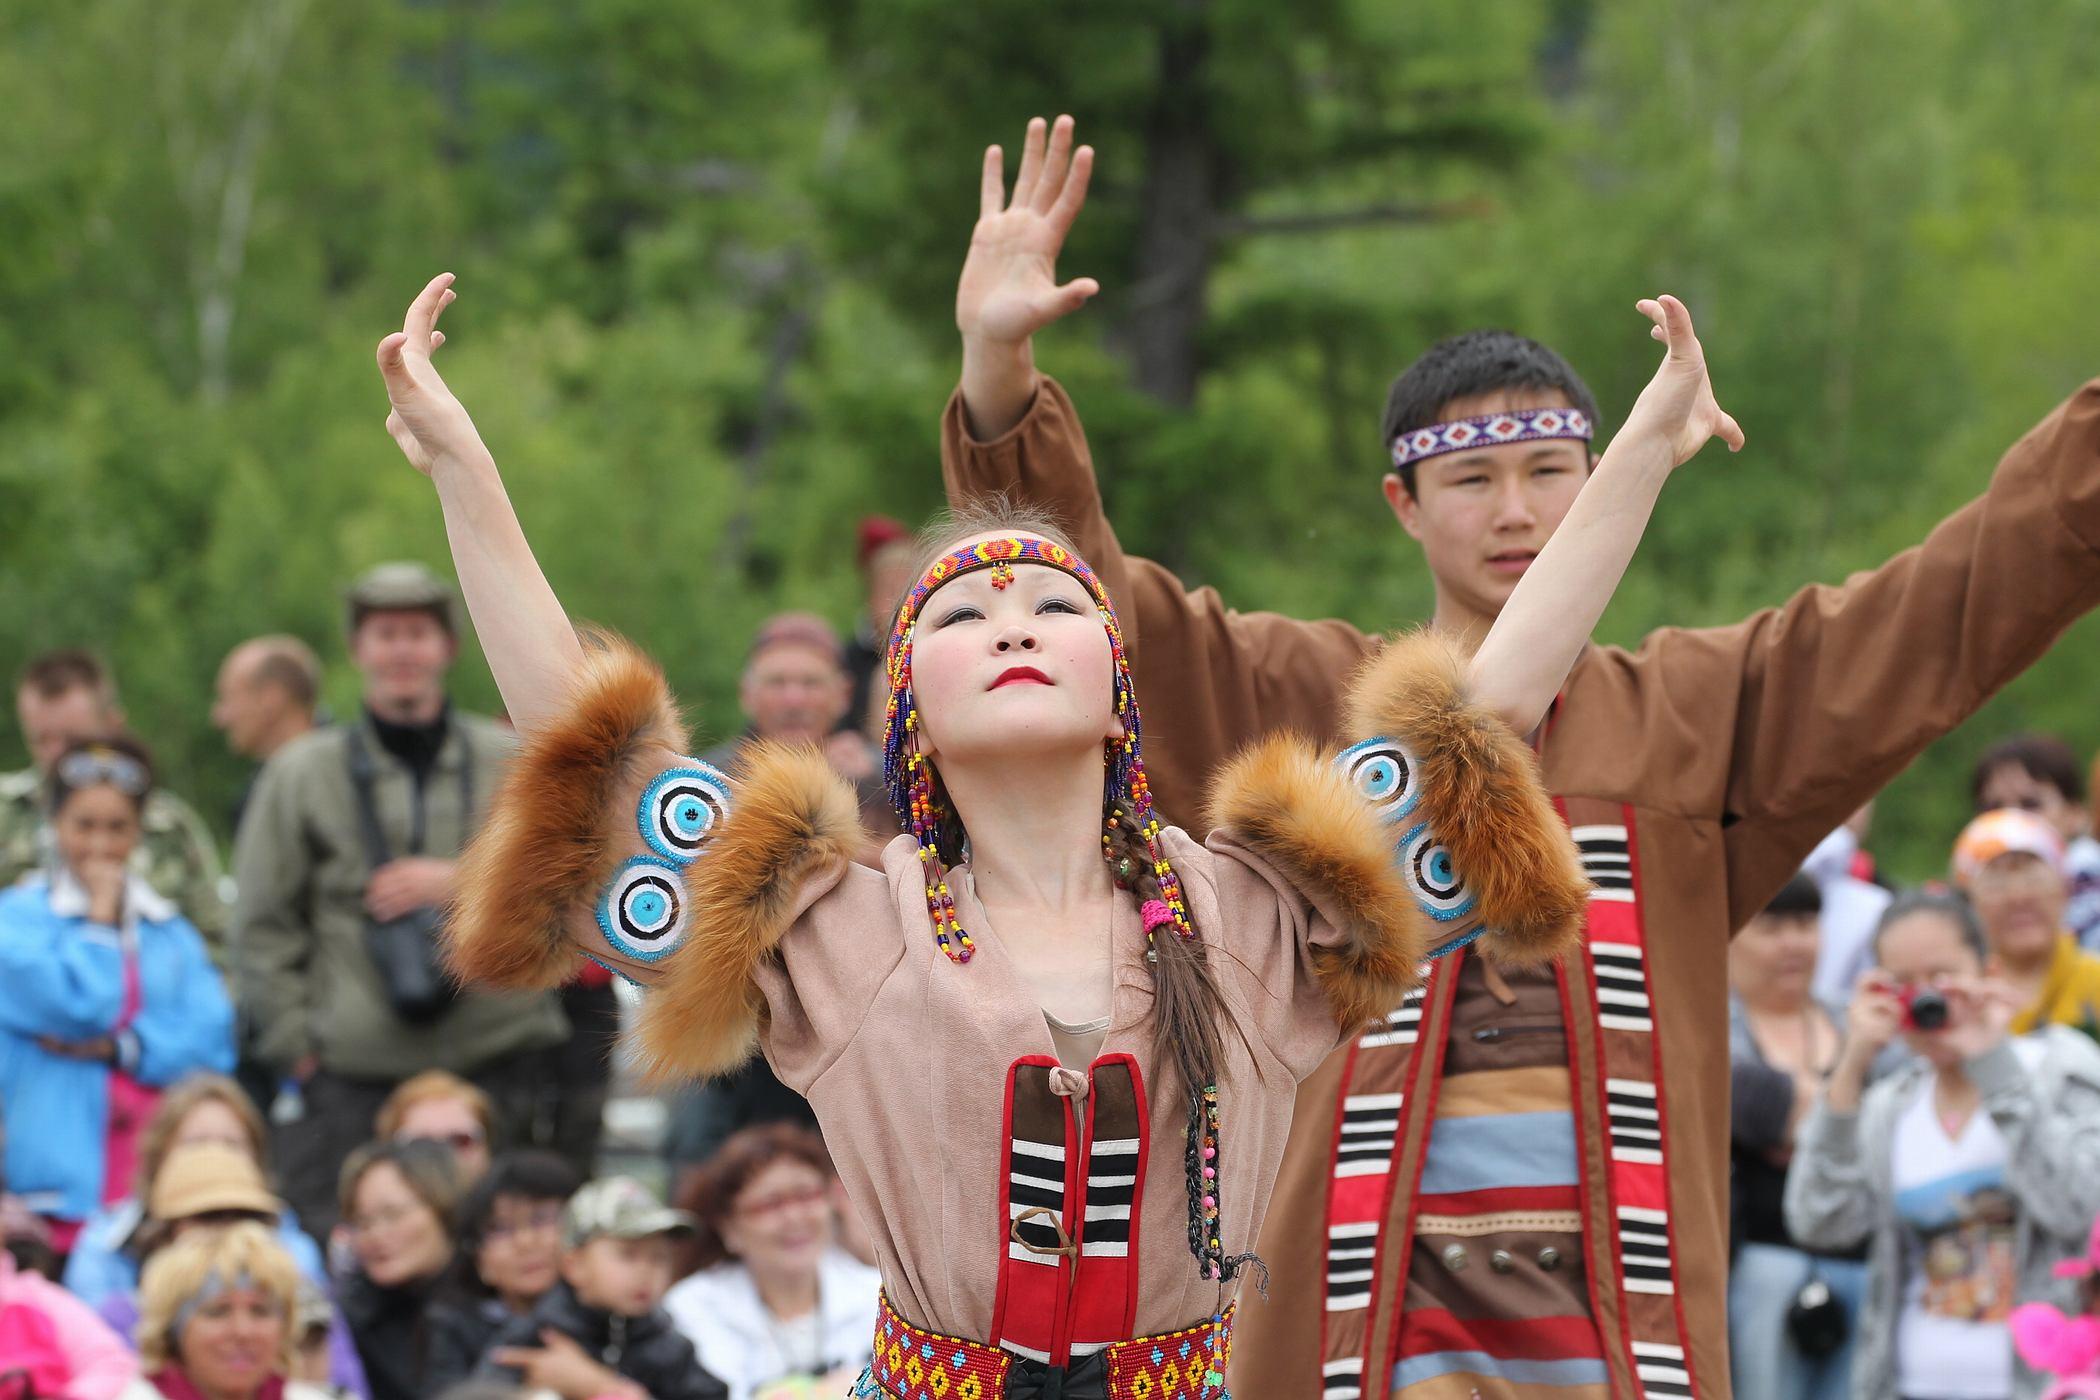 Рисунок 1. Фестиваль коренных народов в Камчатском крае